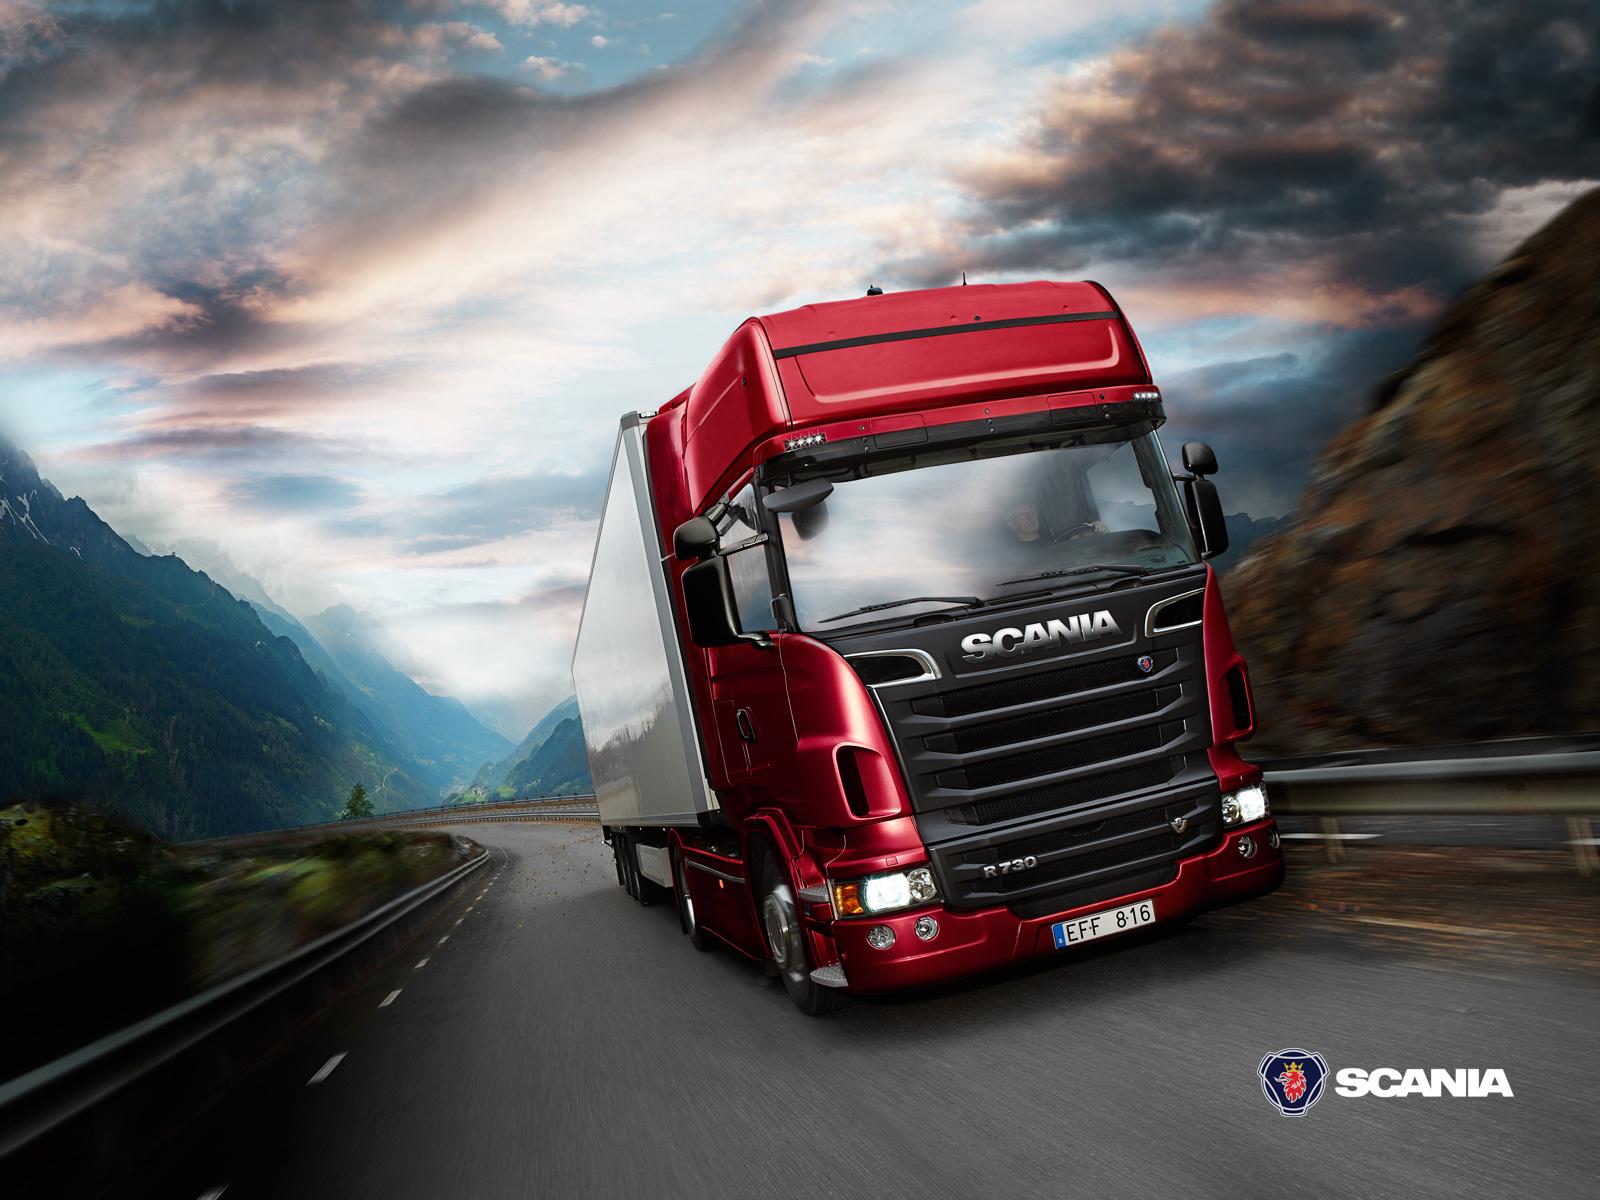 On 18 45  Archivado En Fotos De Camiones   Scania   Videos De Camiones